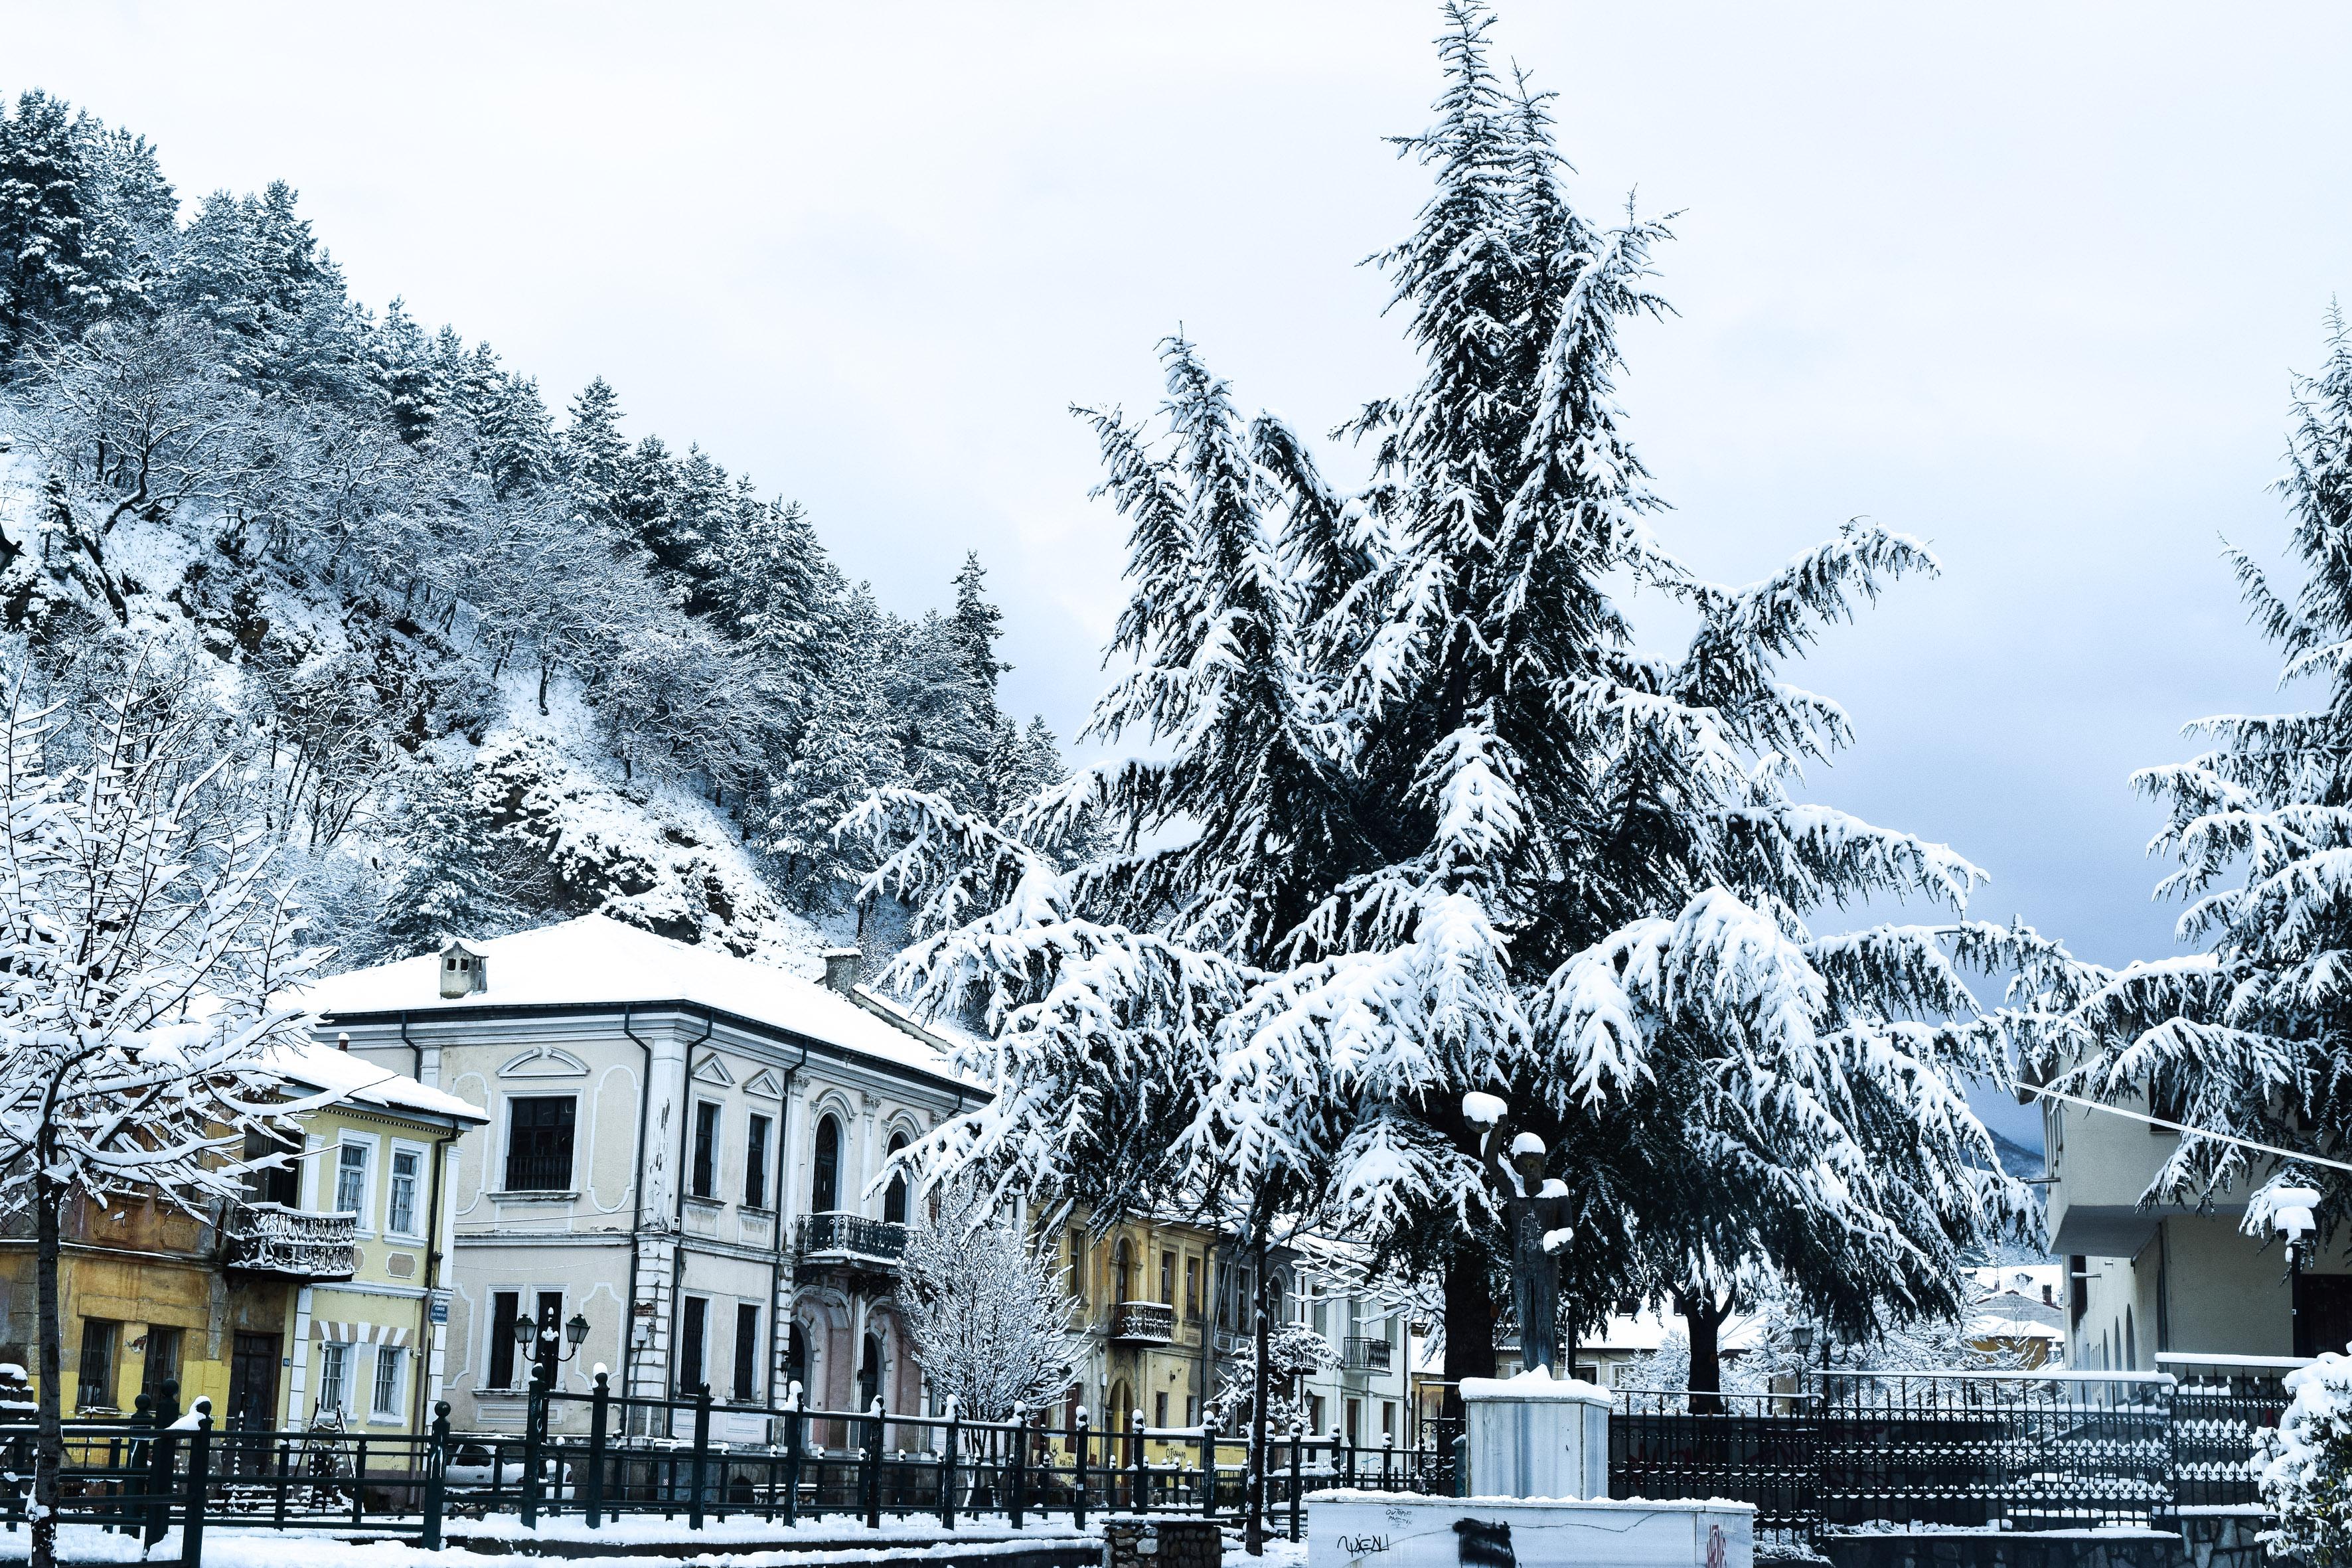 Καιρός: Χιόνια και κλειστά σχολεία! Πτώση της θερμοκρασίας έως και 15 βαθμούς Κελσίου [video]